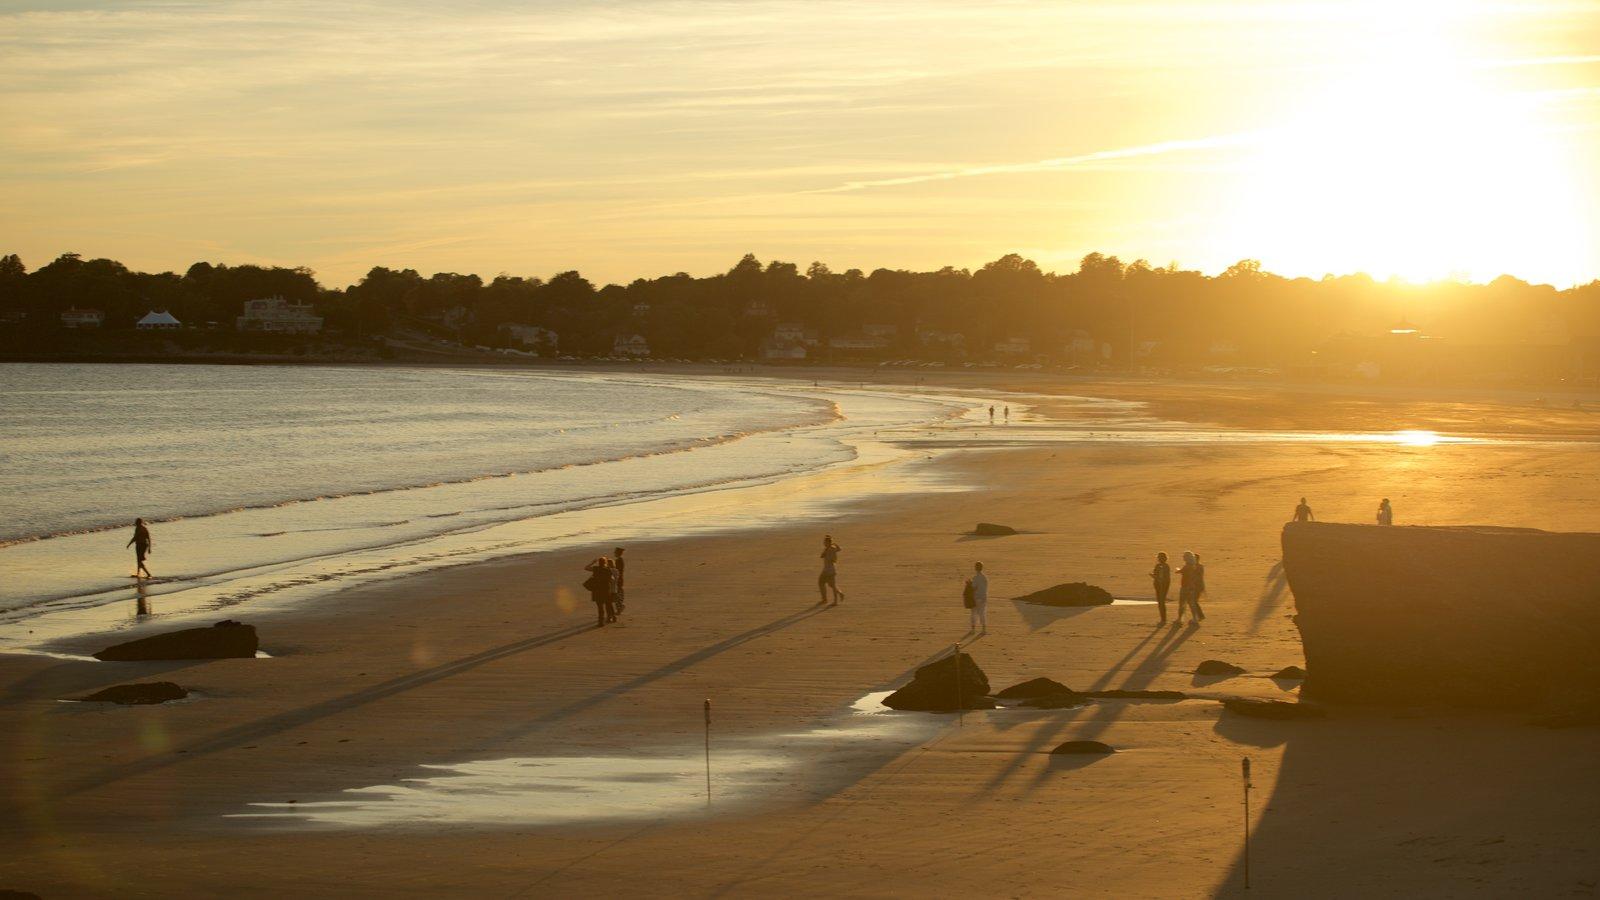 Playa Easton mostrando una playa y una puesta de sol